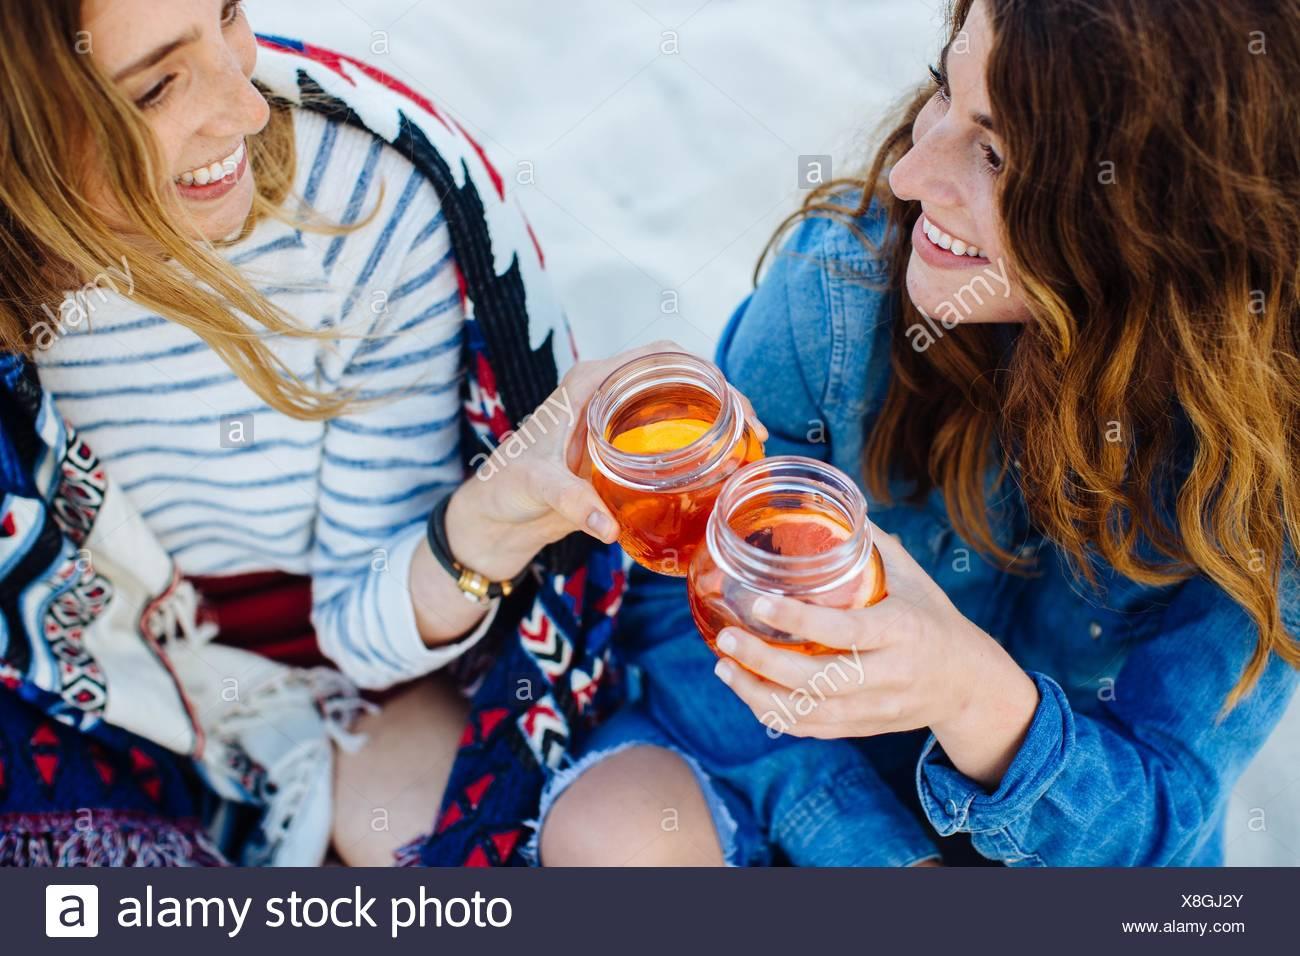 Deux jeunes femmes friends toasting with pot verre sur beach Photo Stock